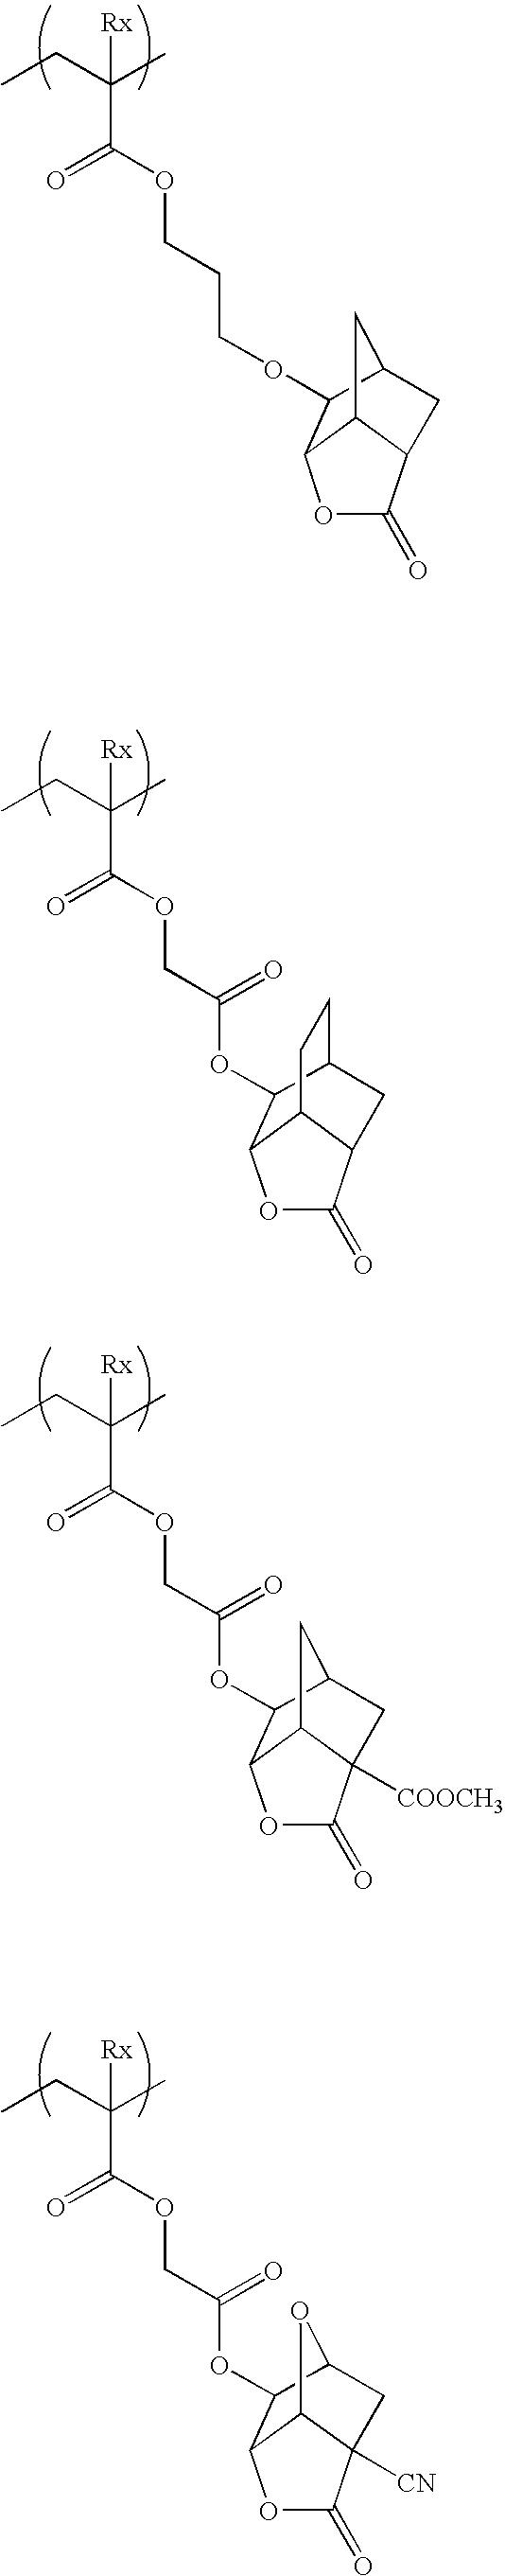 Figure US08852845-20141007-C00136